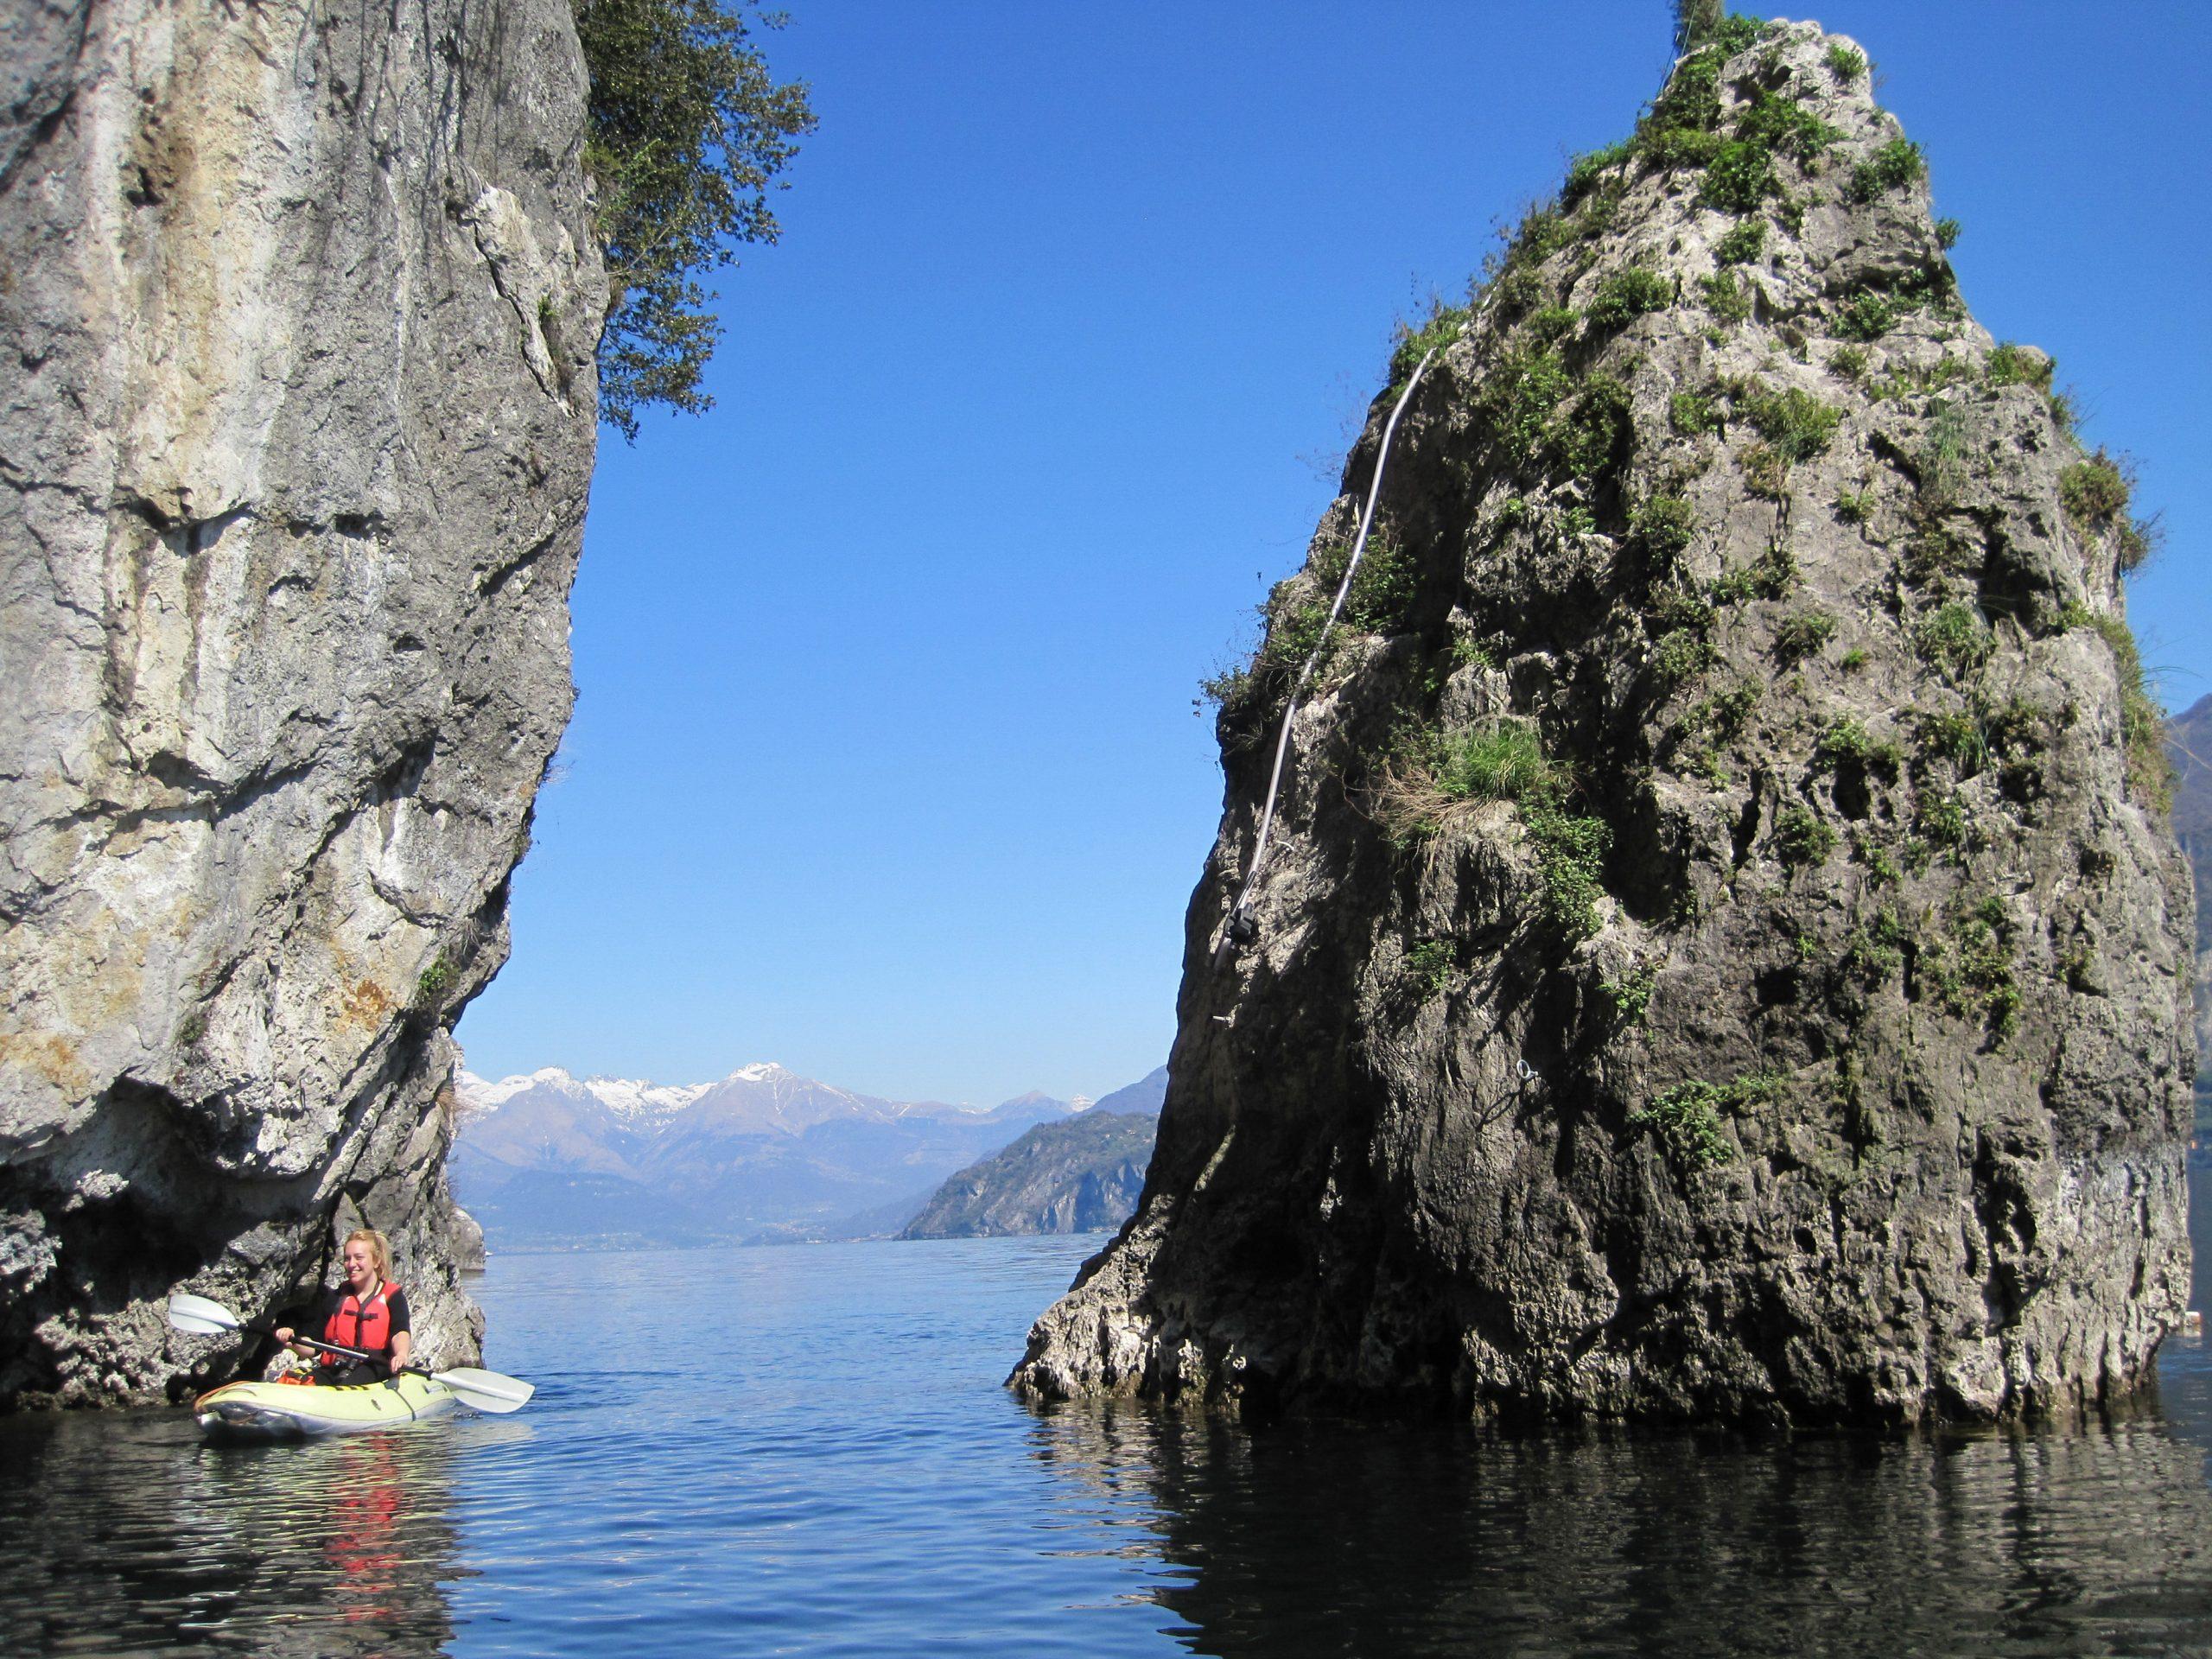 Kayaking on Lake Como